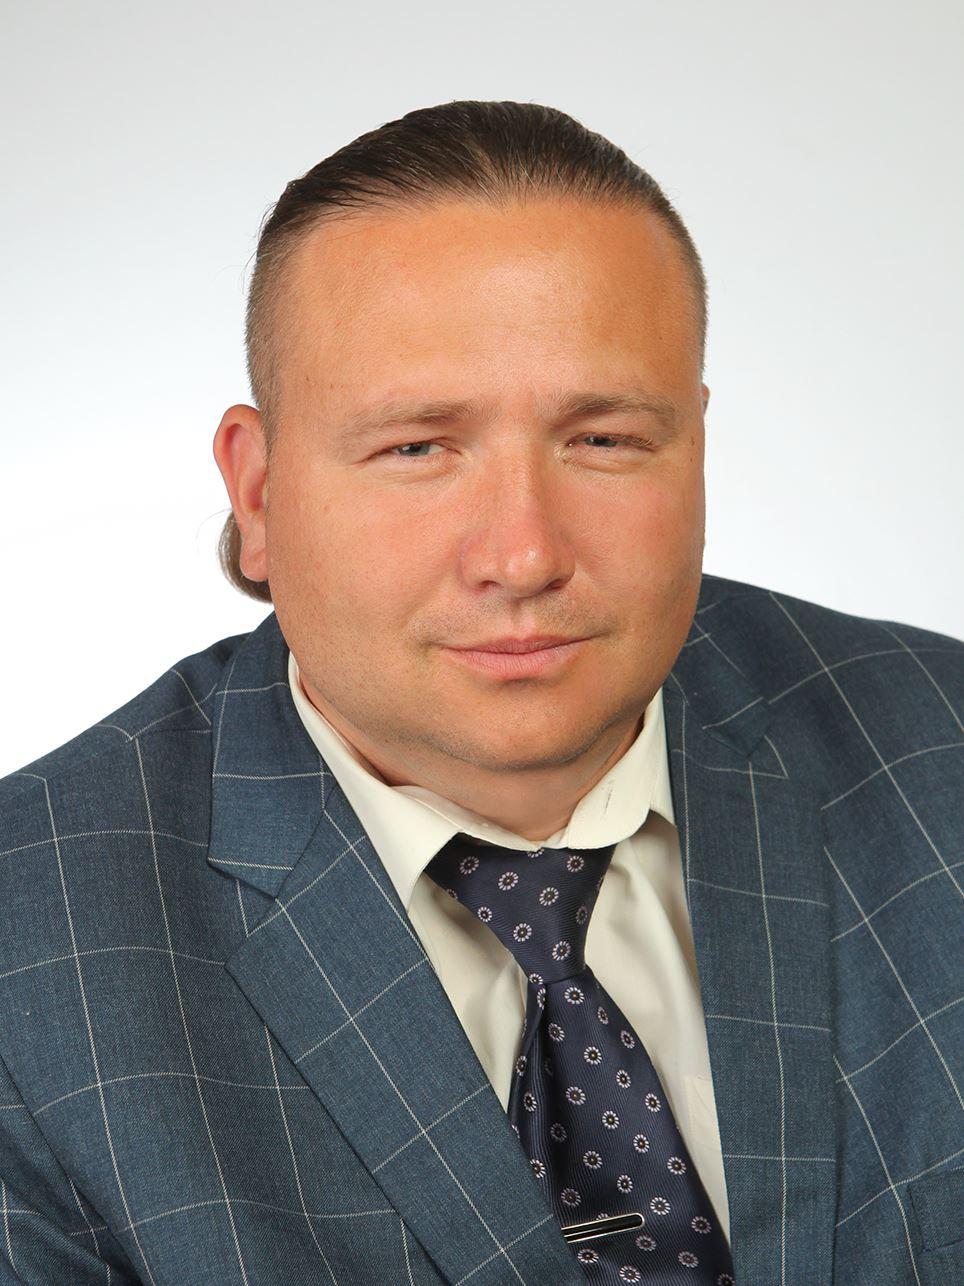 Іваненко Олег Валерійович